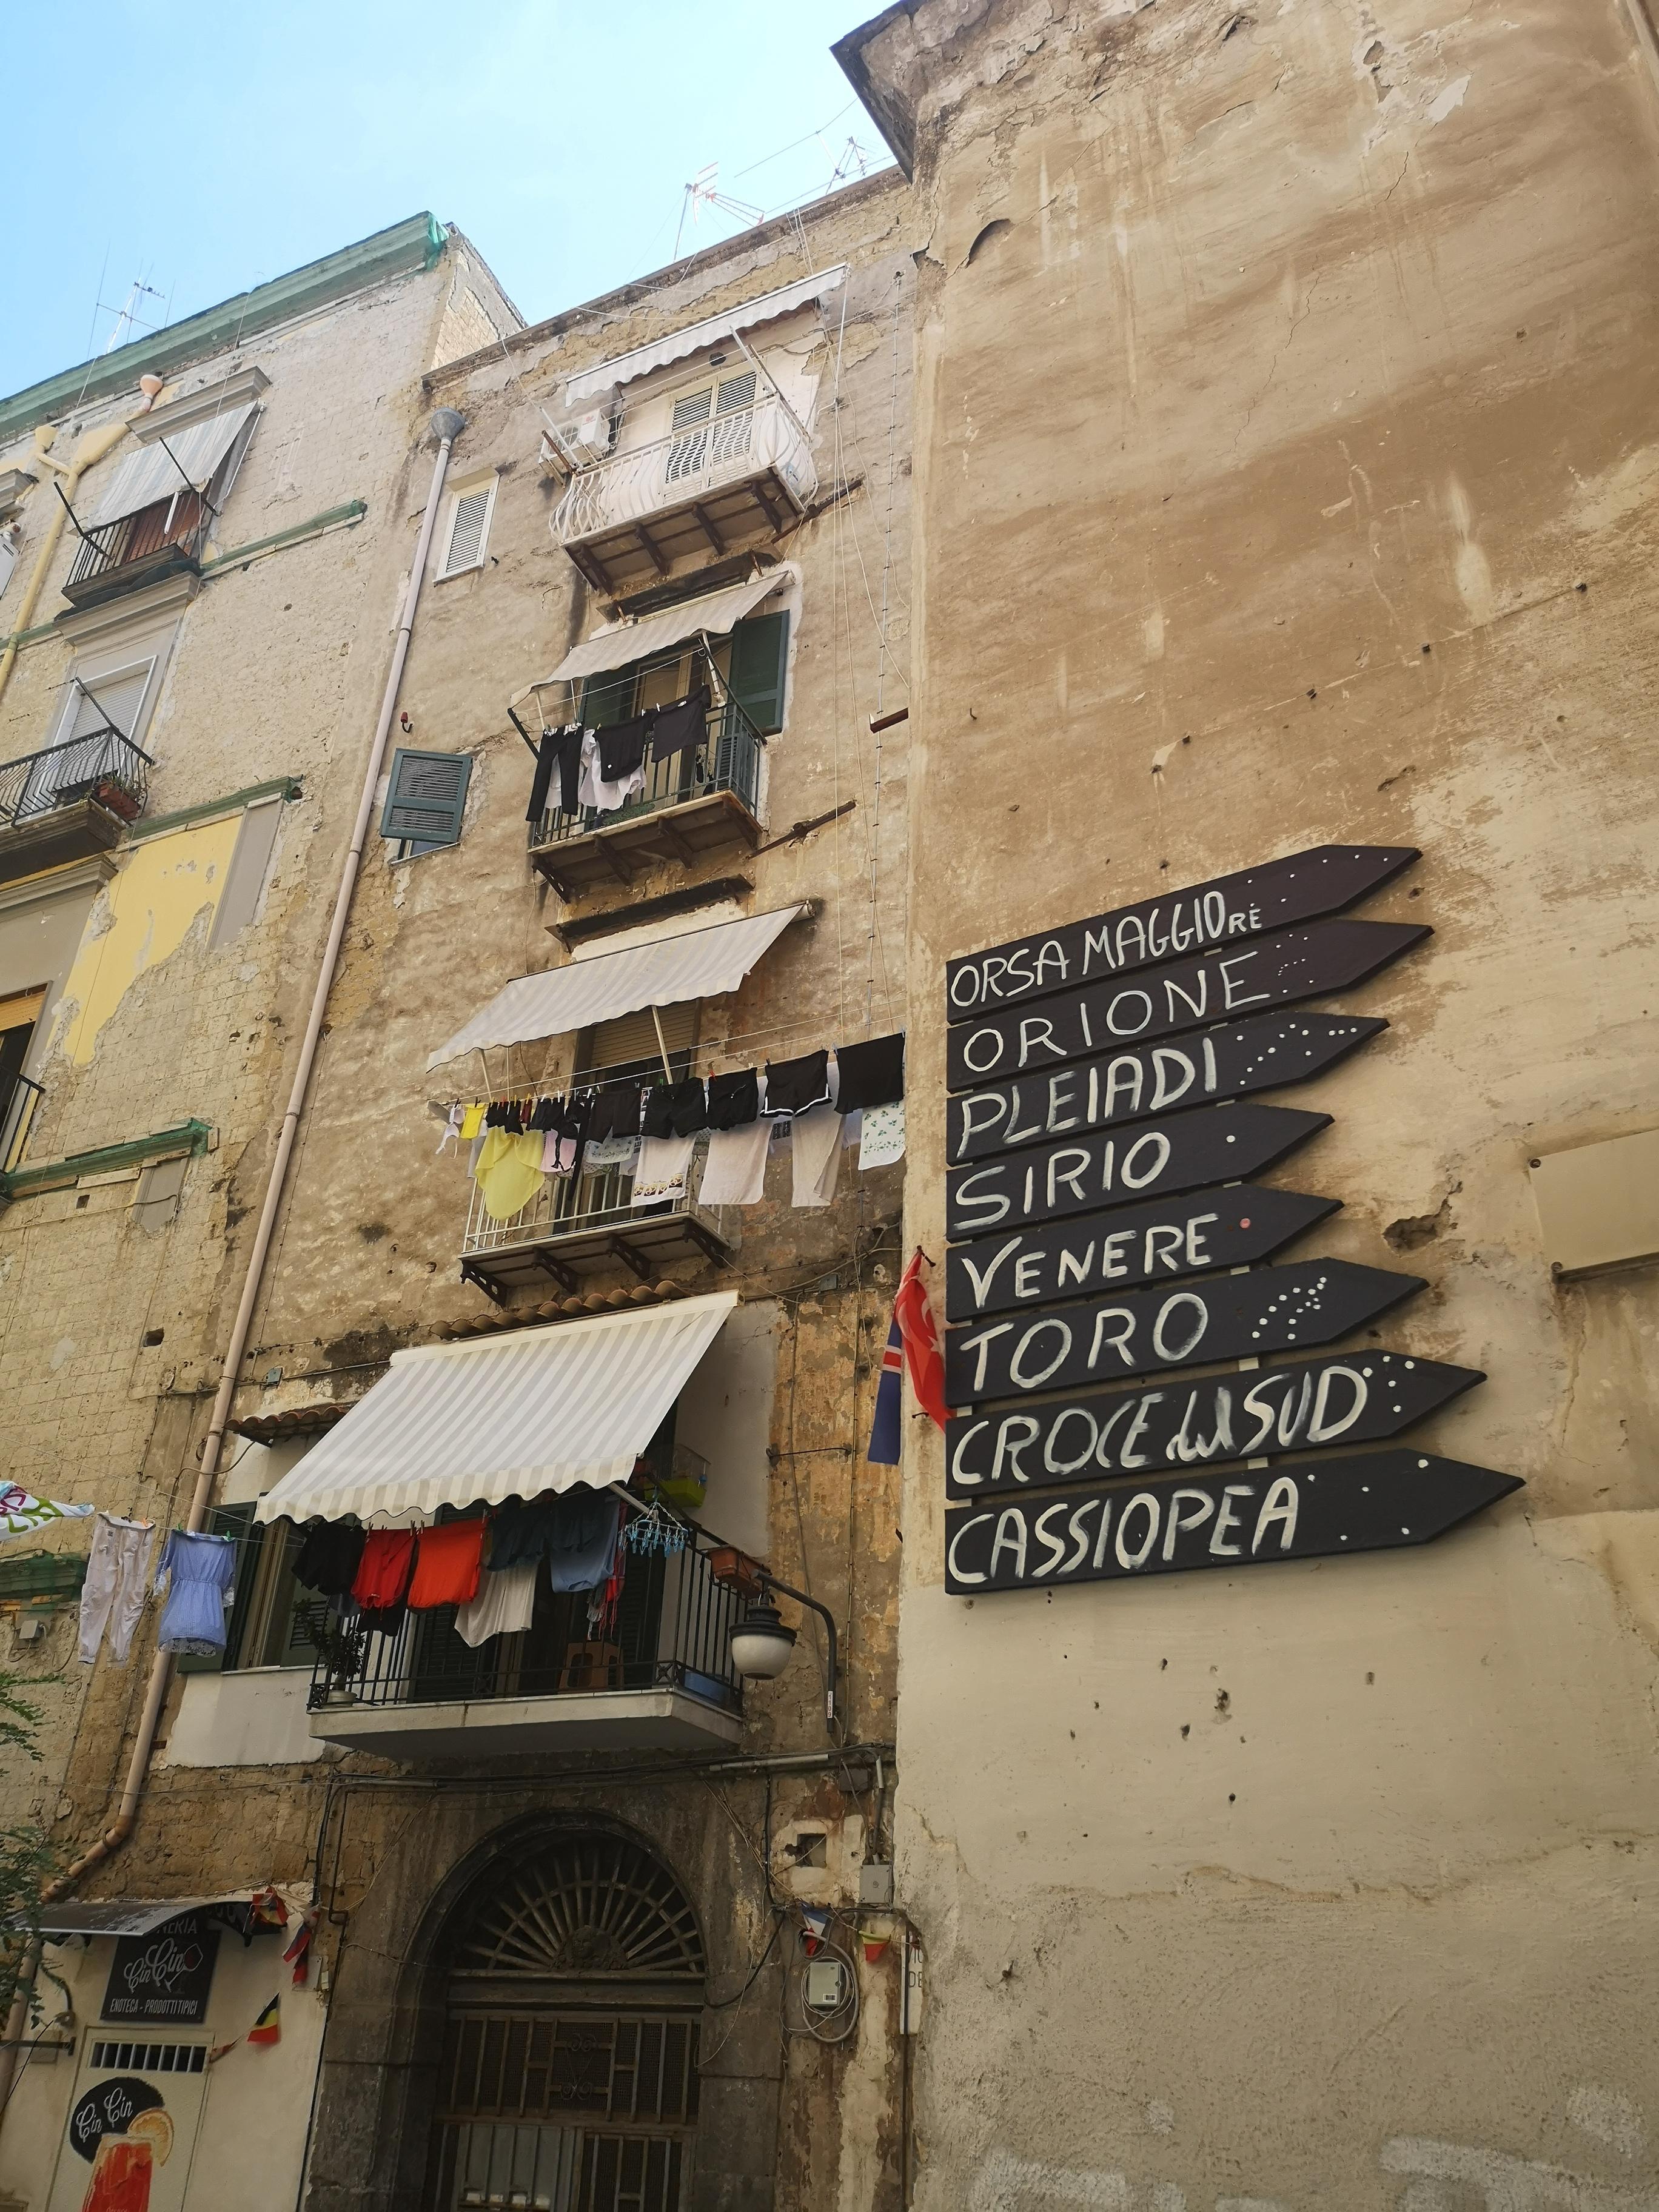 Elenco dieci cose insolite da fare a Napoli